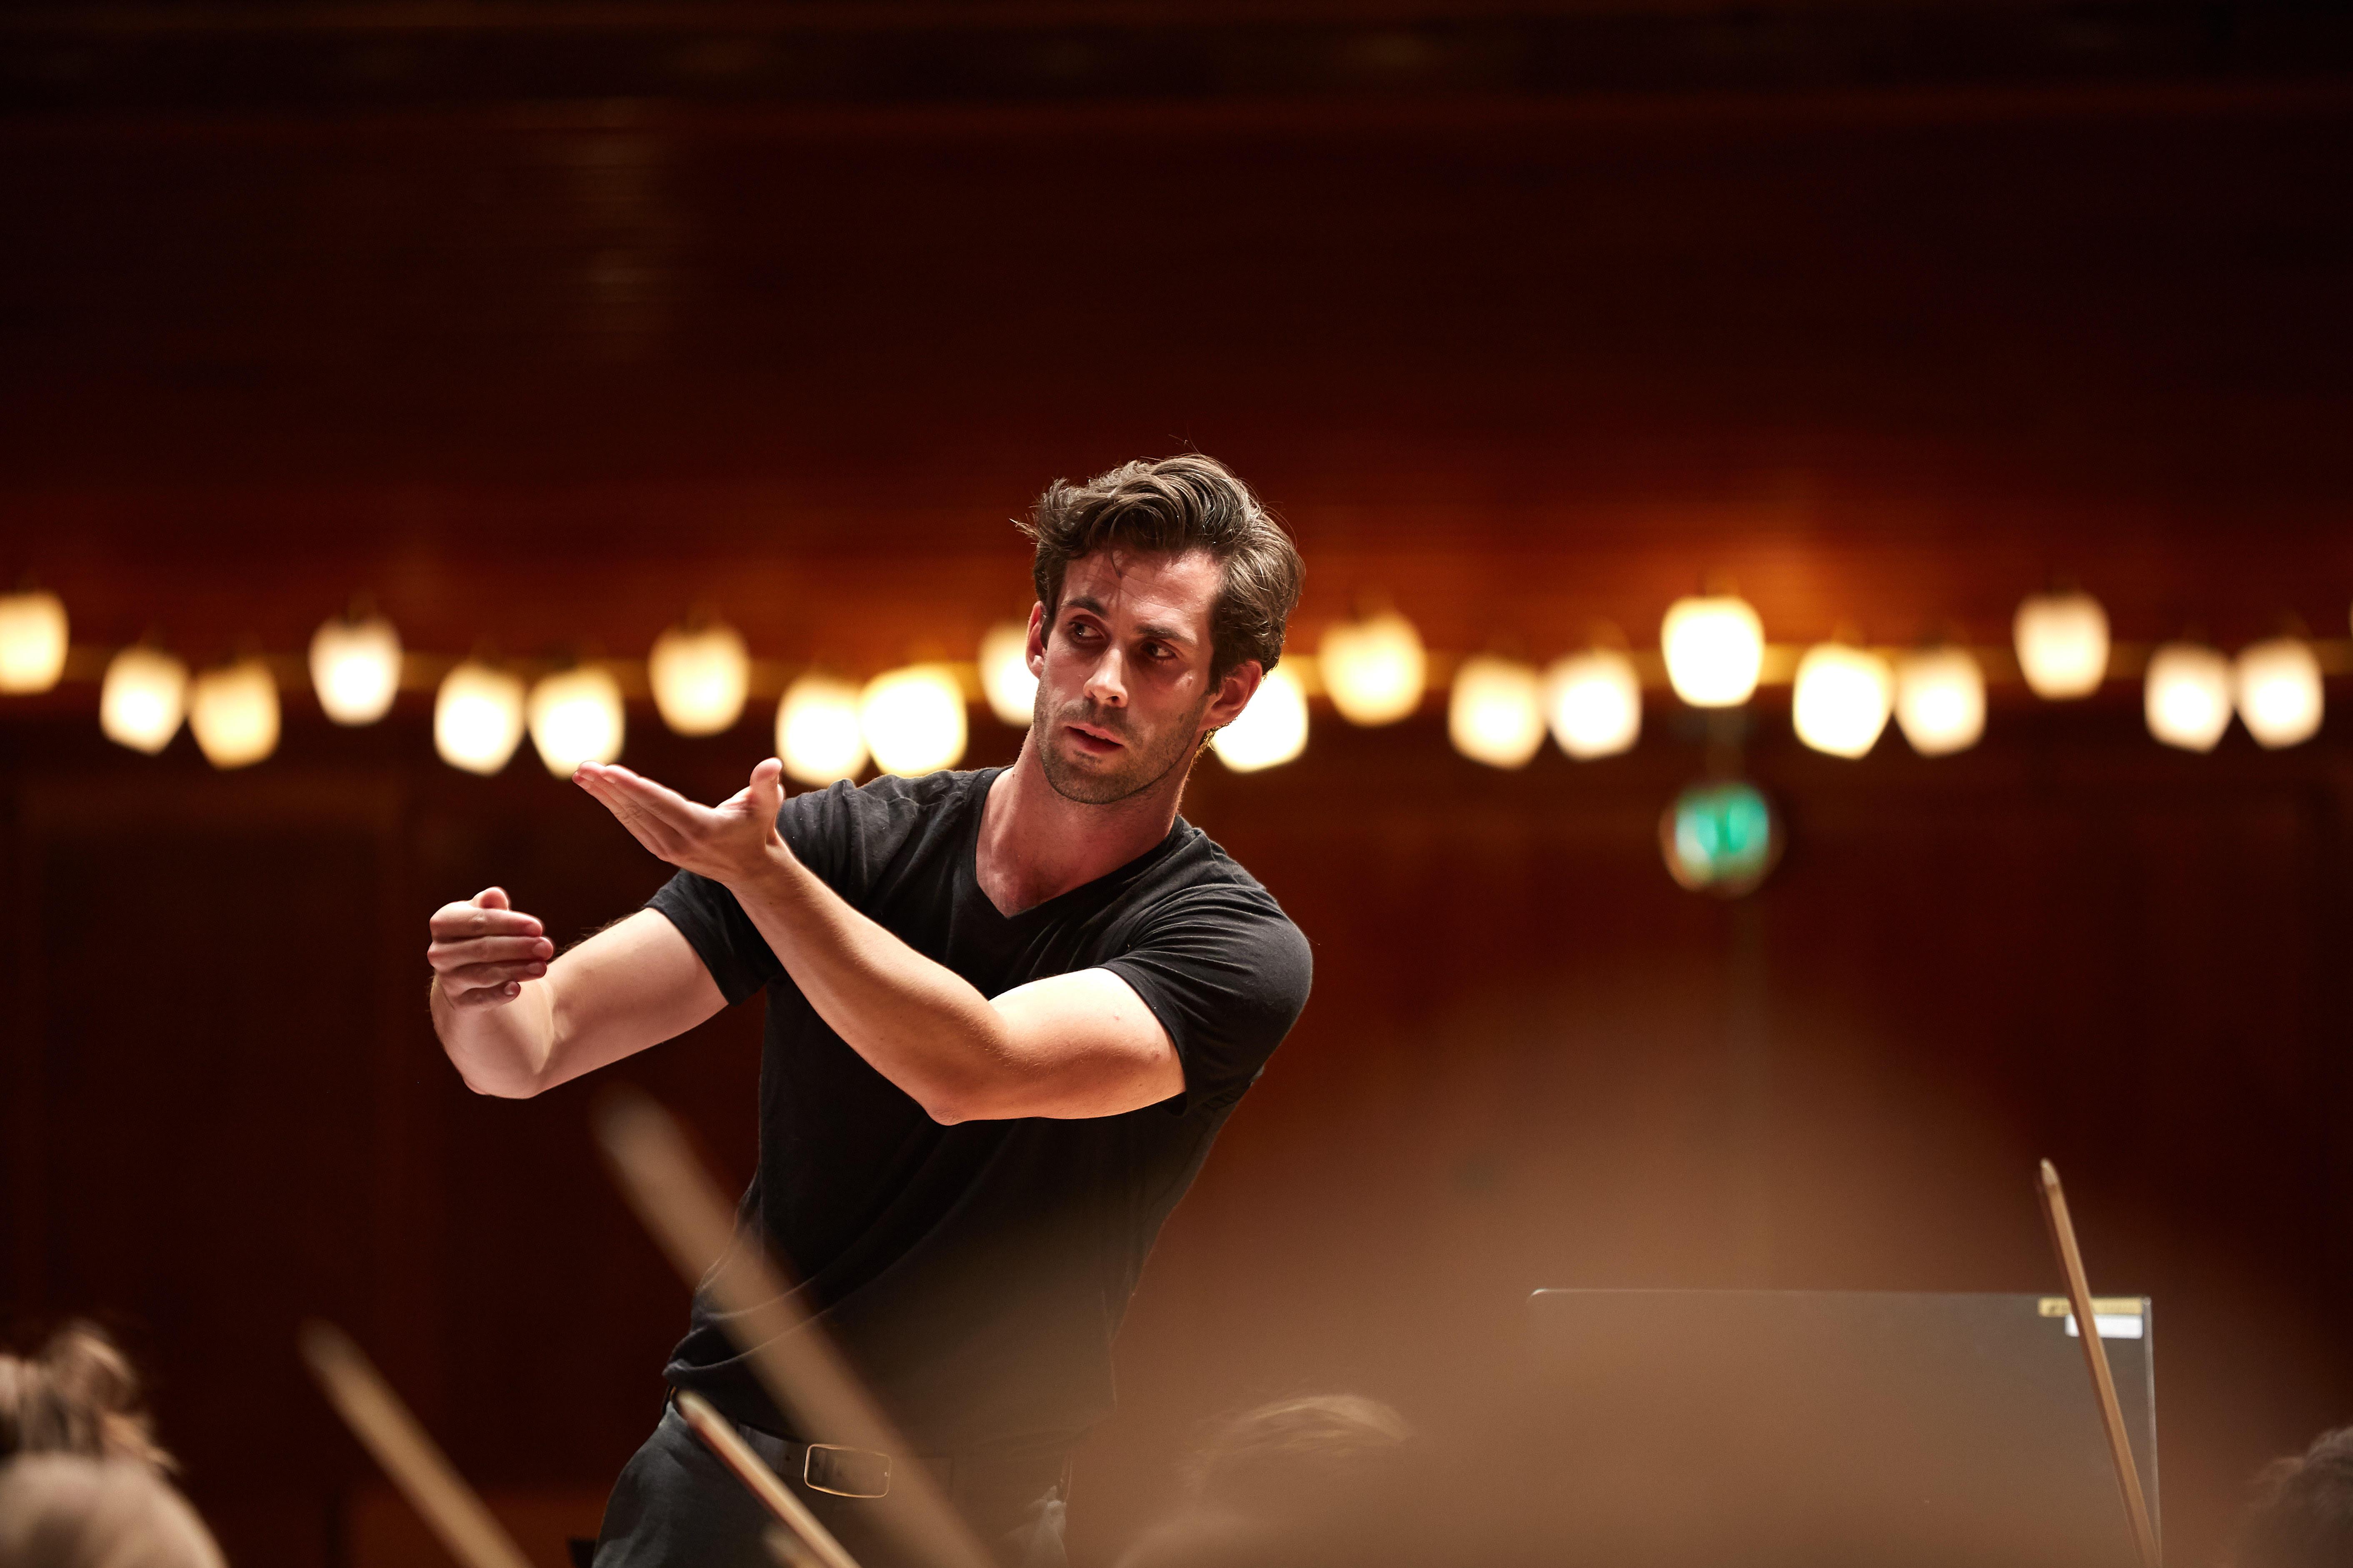 Vincent Hardaker: Conductor